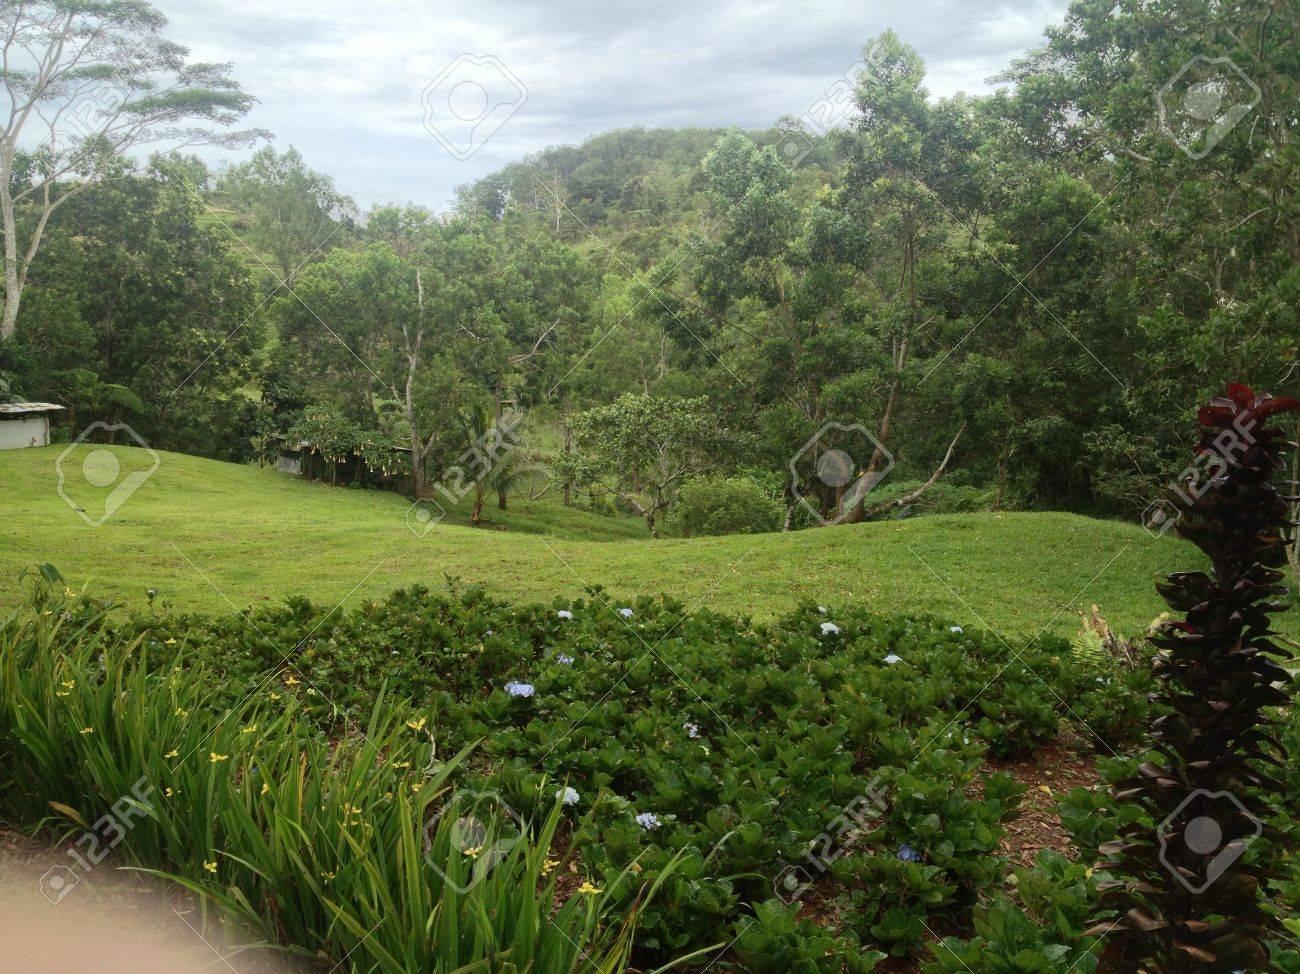 Giardino Di Una Casa questo bellissimo paesaggio è stata presa al giardino di una casa di riposo  amici su una montagna.